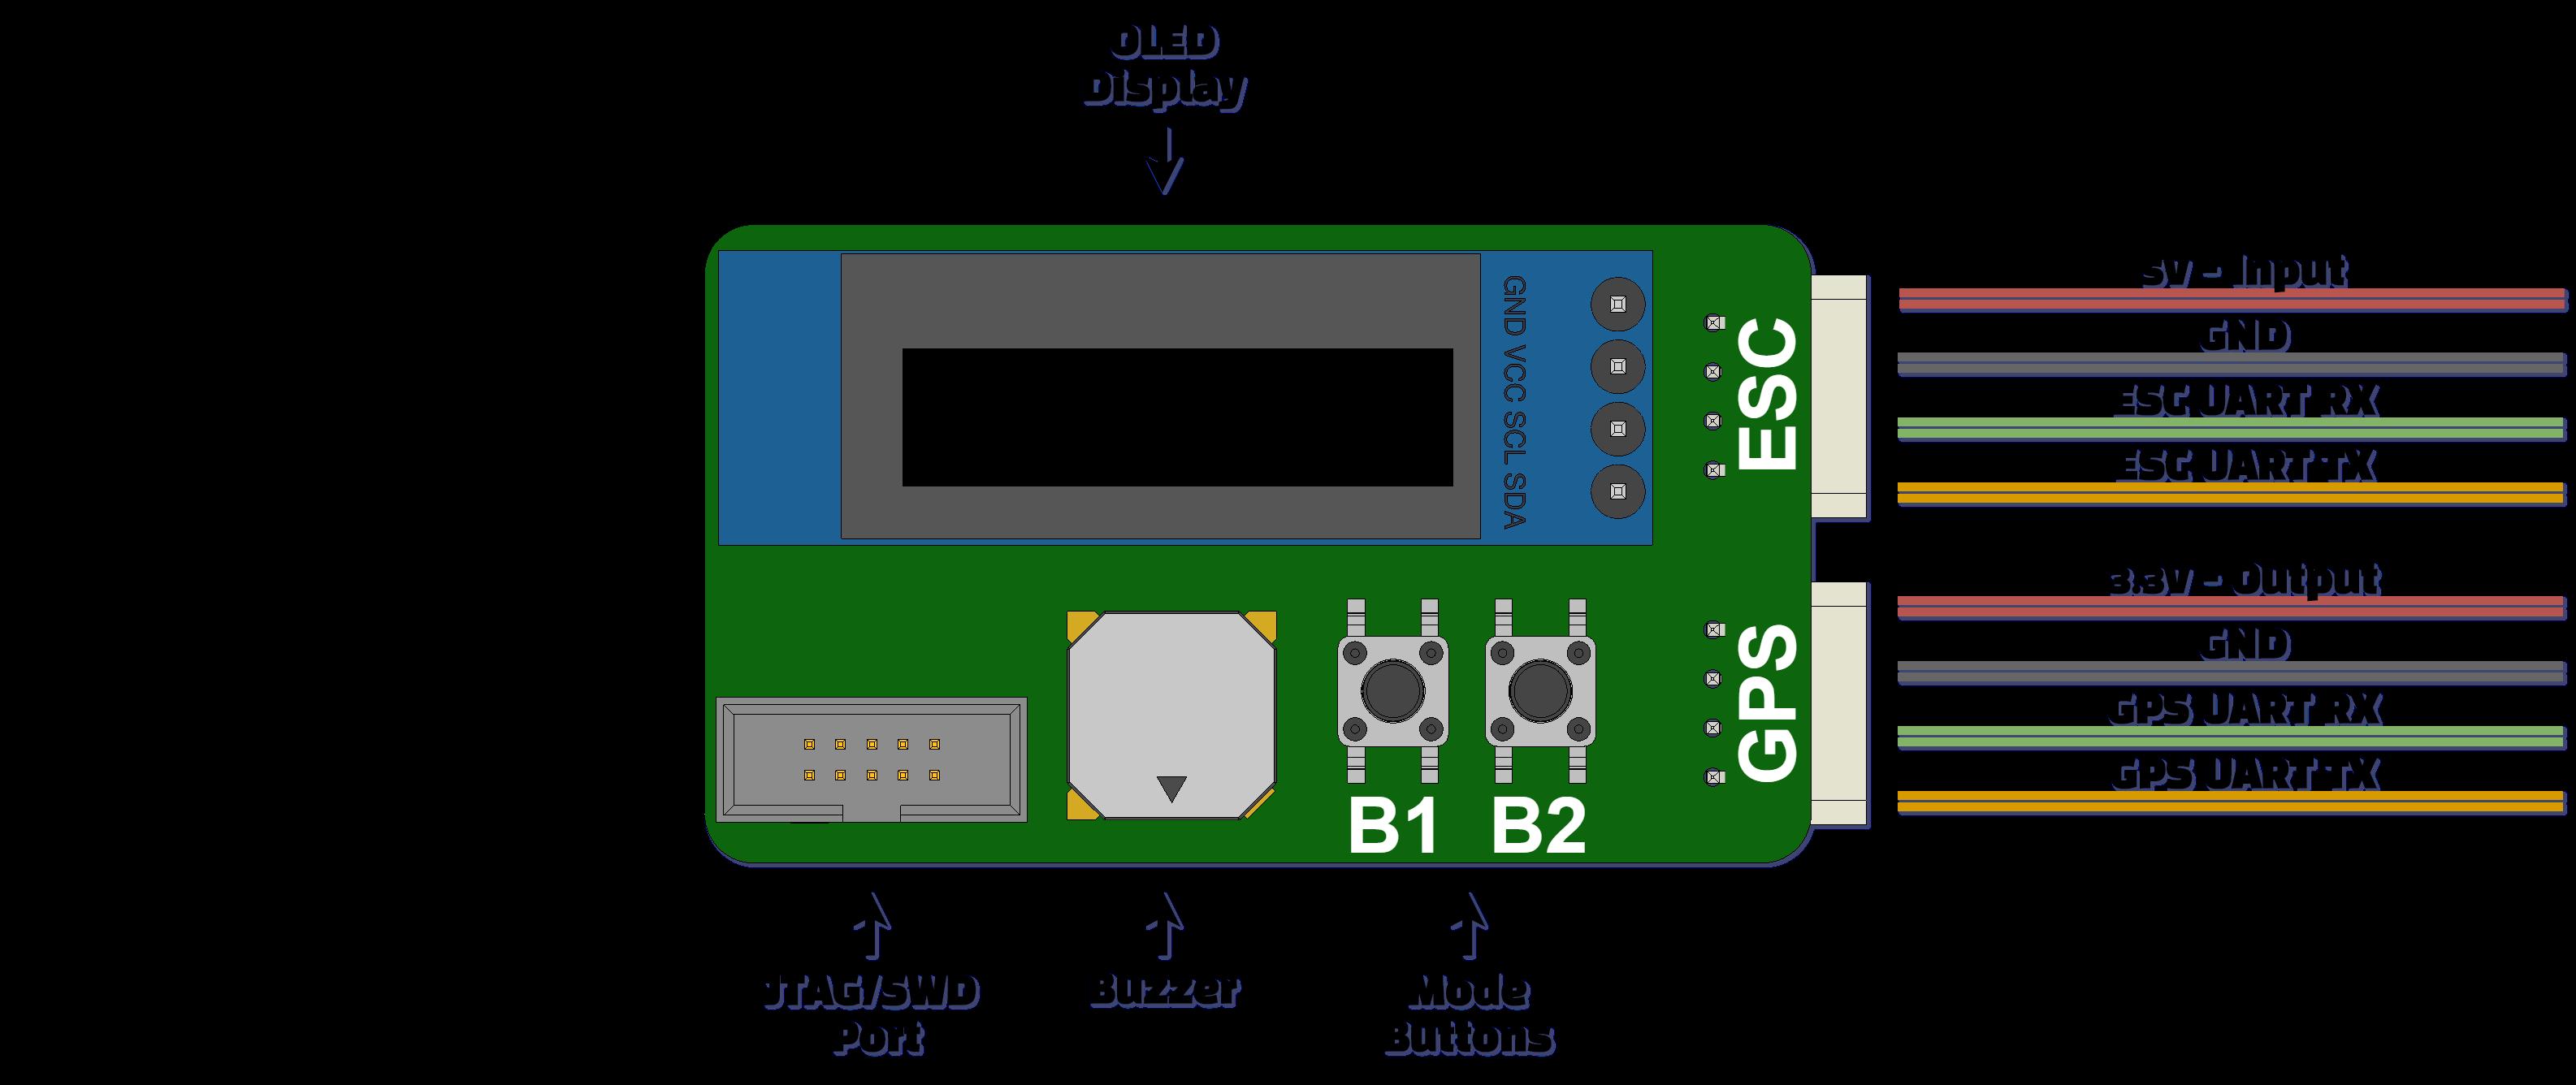 Robogotchi Hardware Layout